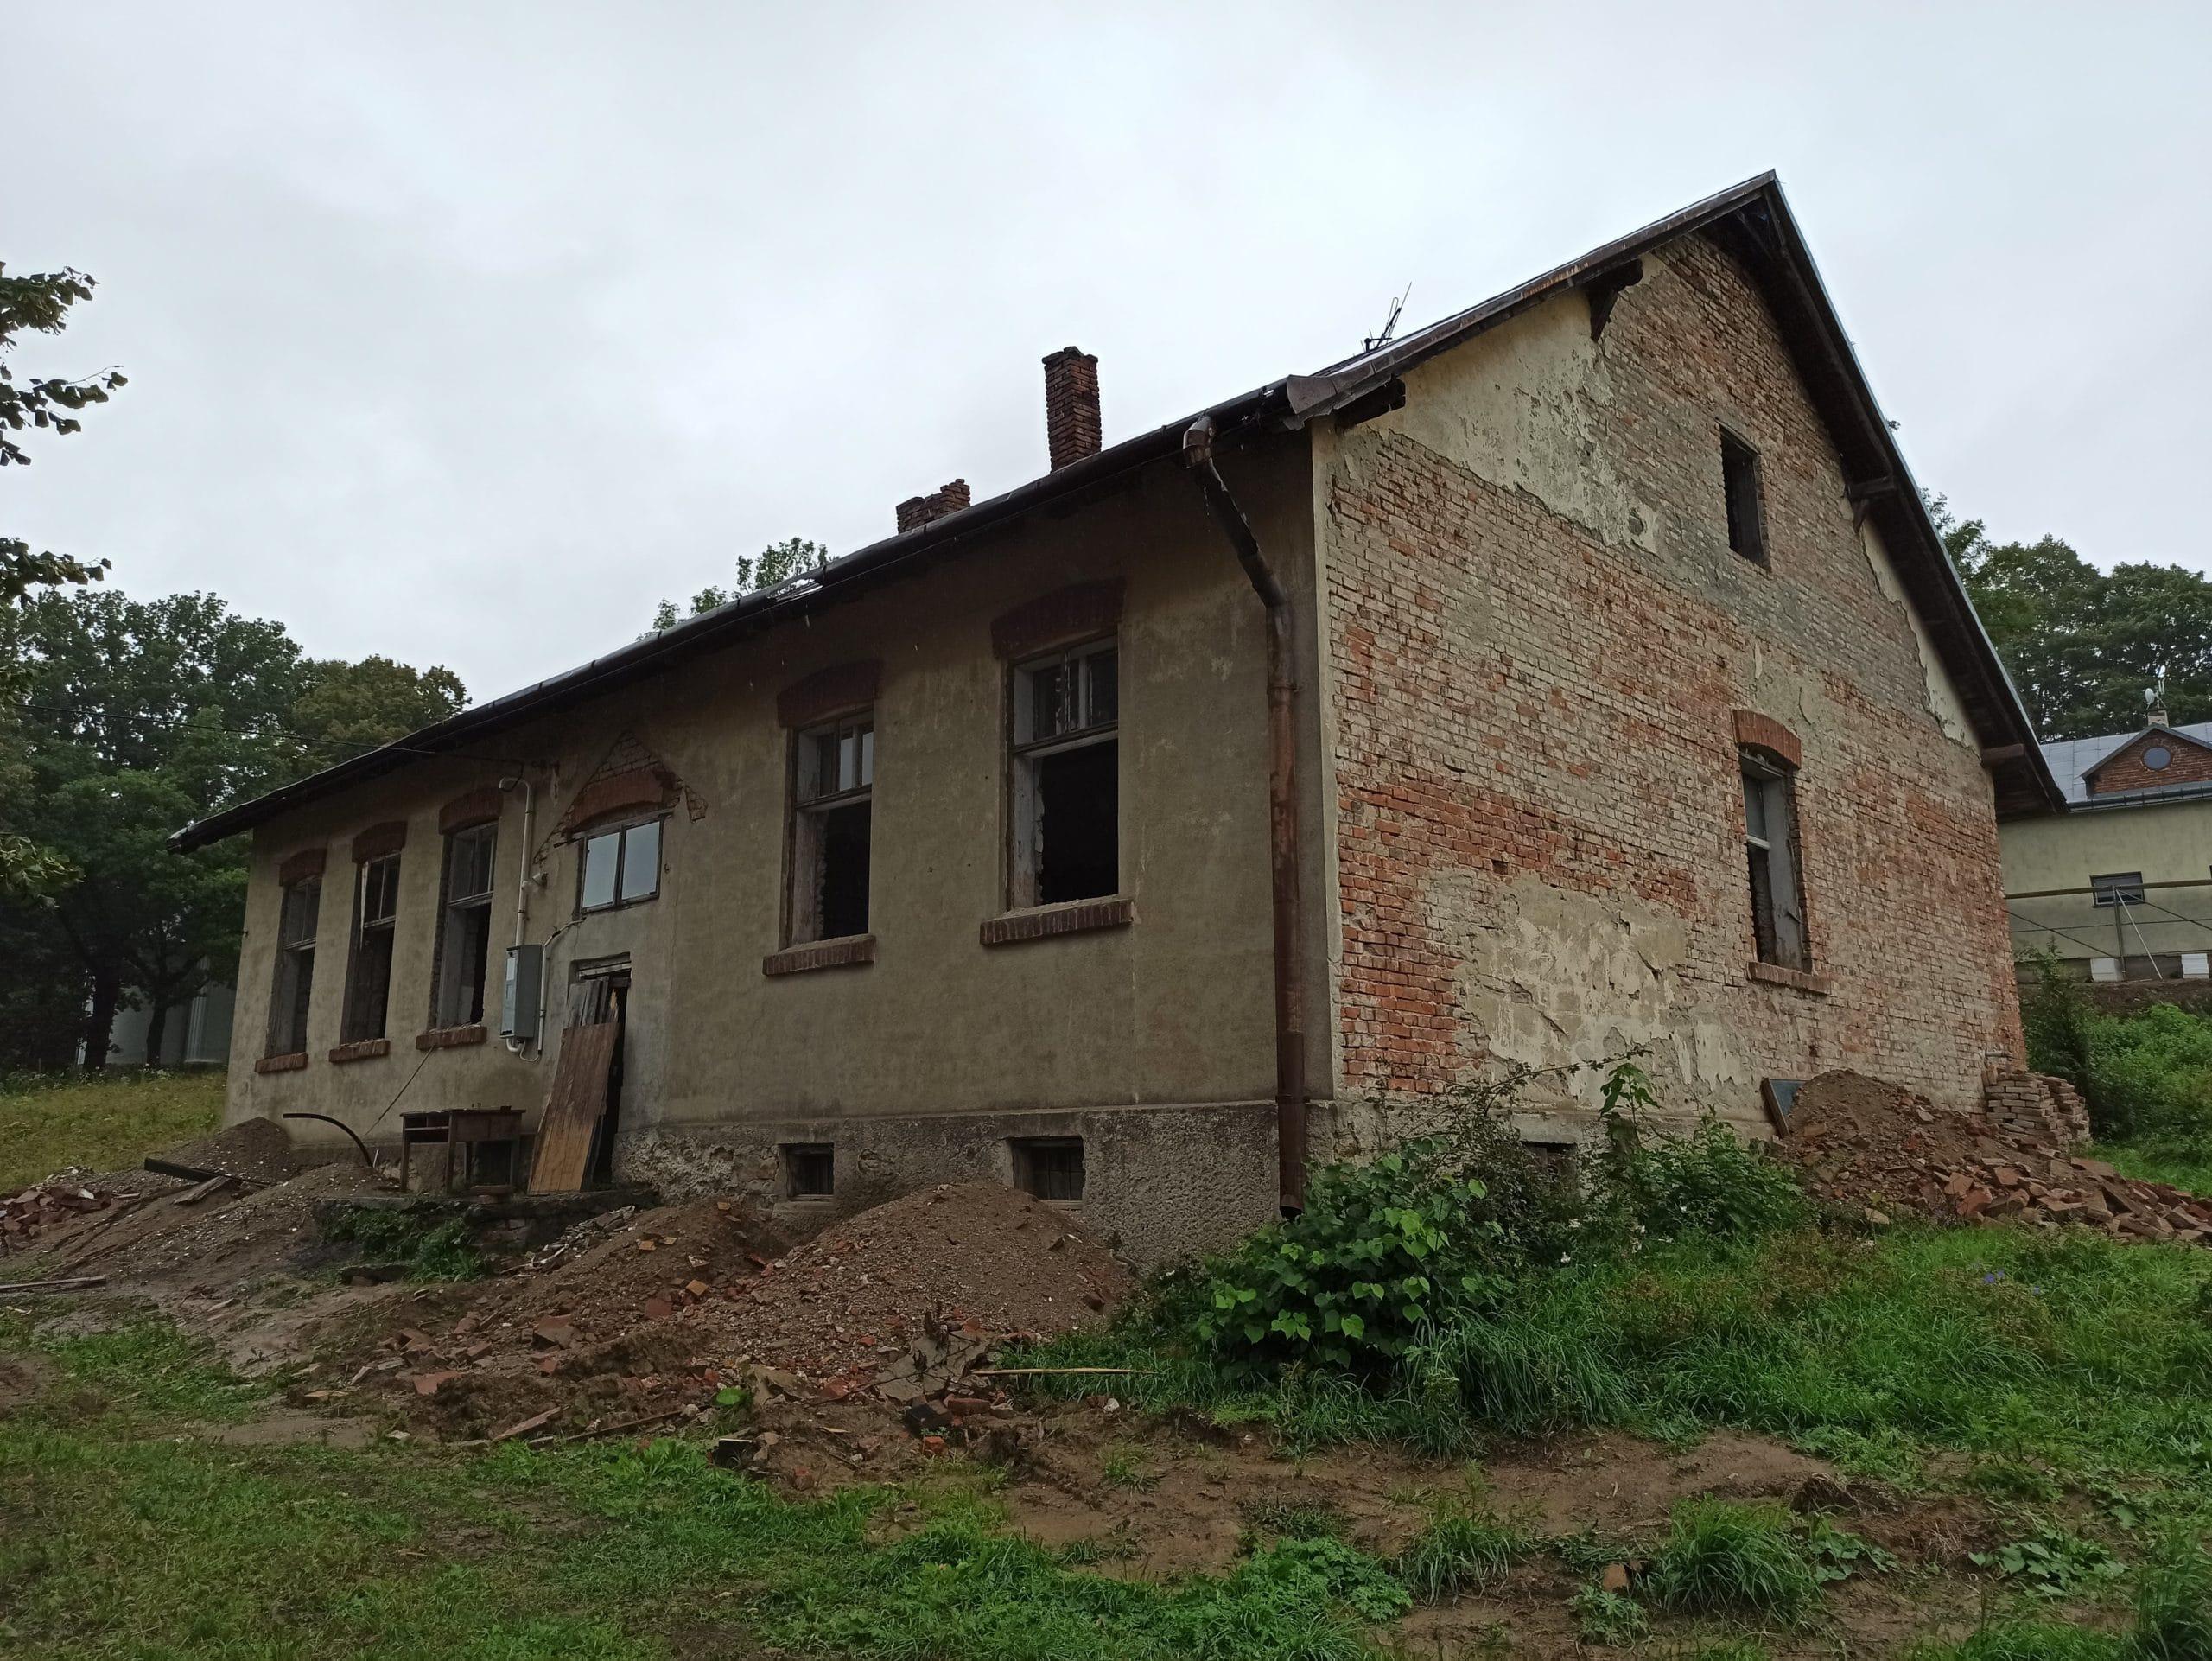 Remont budynku – podsumowanie 08.2021